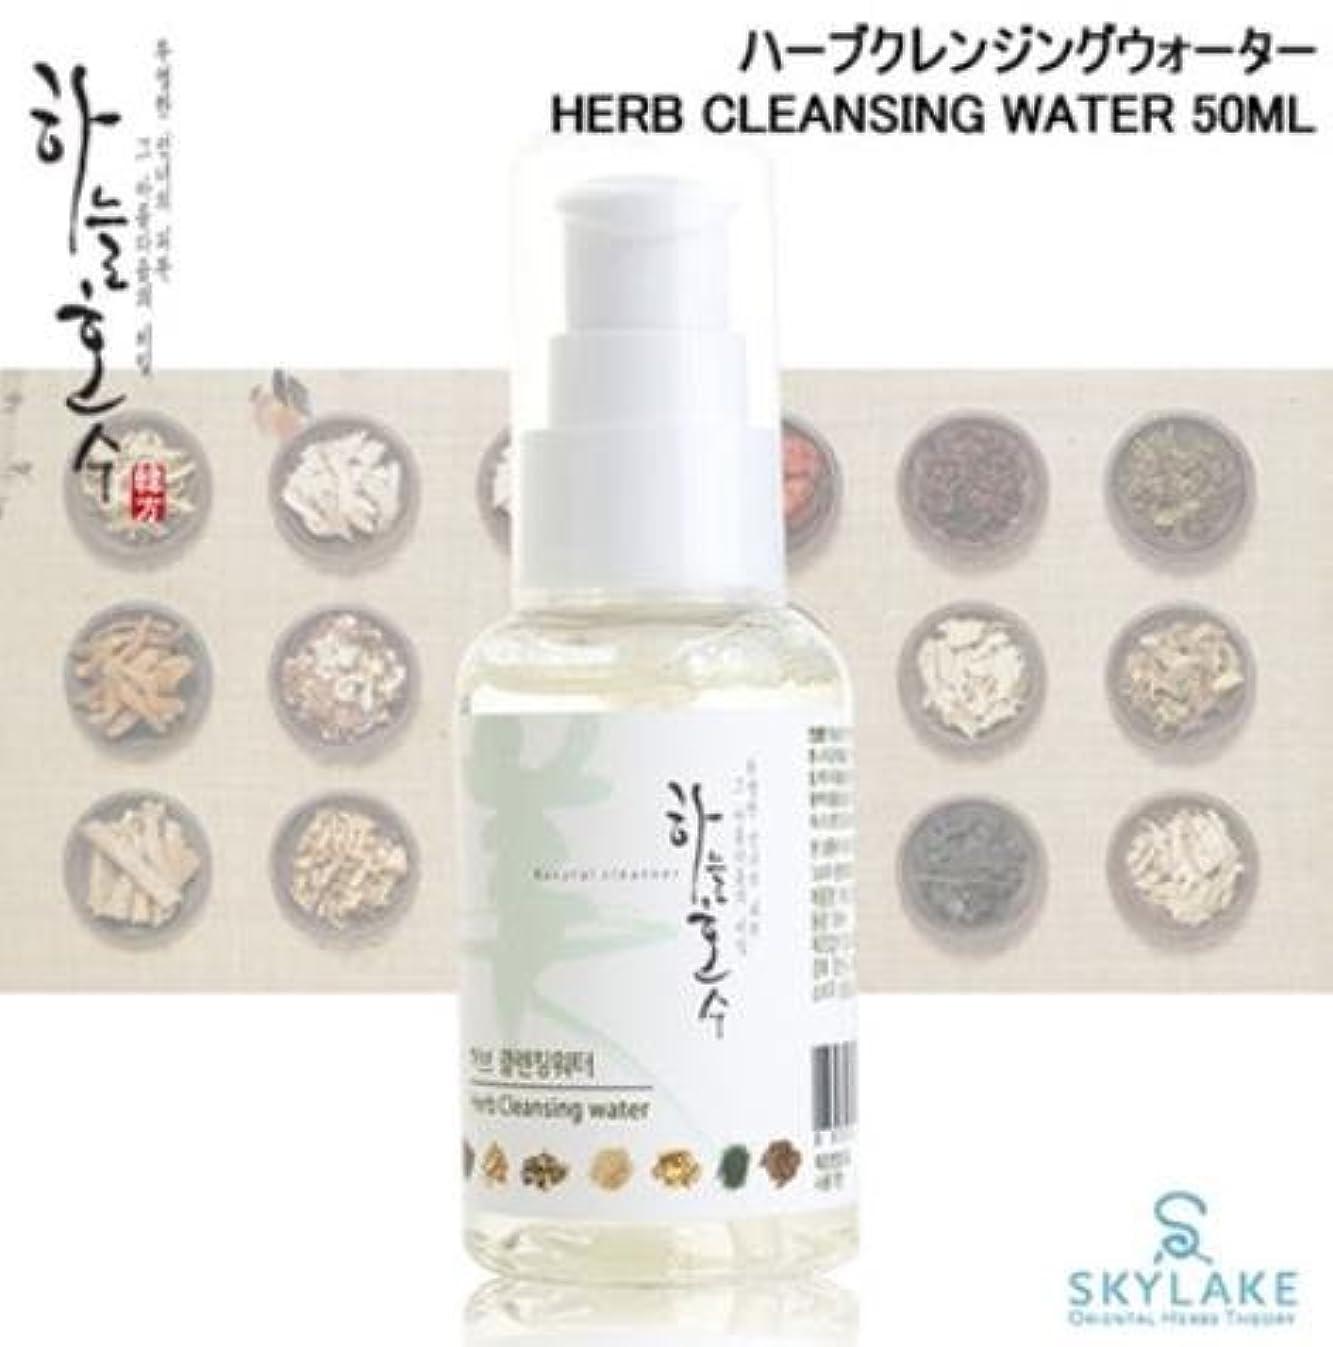 仕出します独立した寄託[ハヌルホス] Skylake [ハーブクレンジングウォーター (50ml)] (Herb Cleansing Water (50ml)) [並行輸入品]